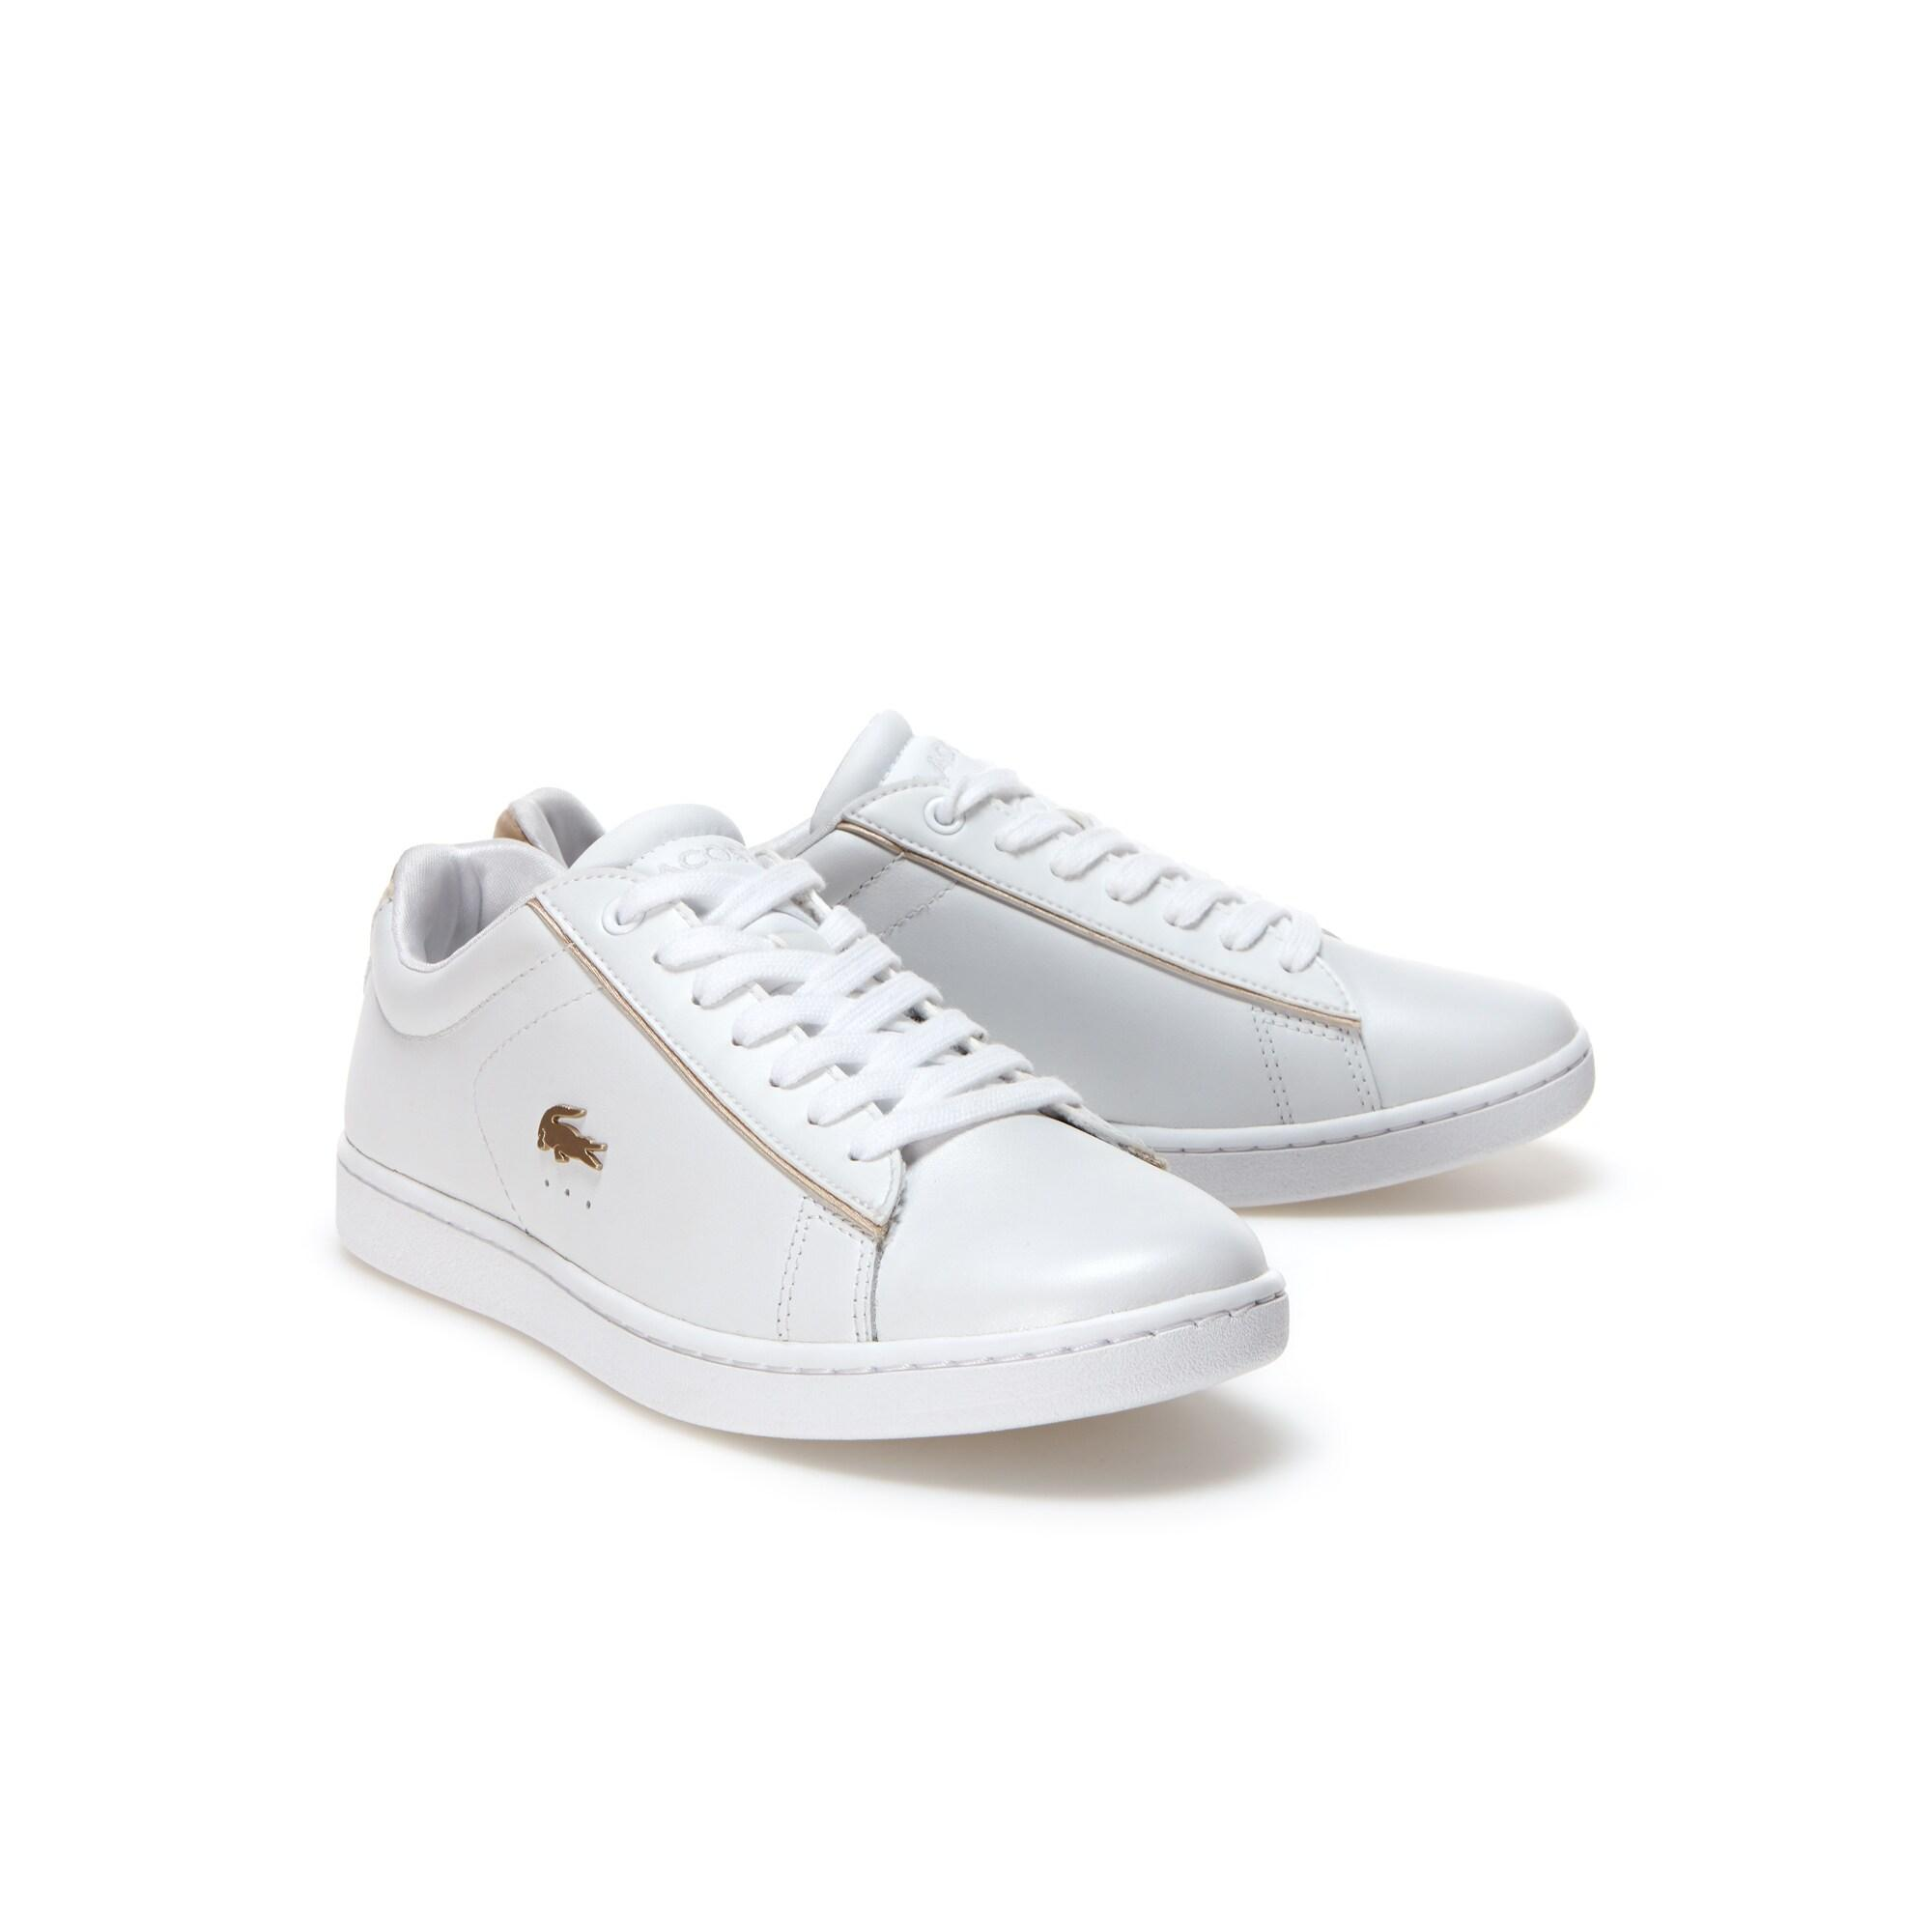 Lacoste Kadın Carnaby Evo 118 6 Beyaz Sneaker